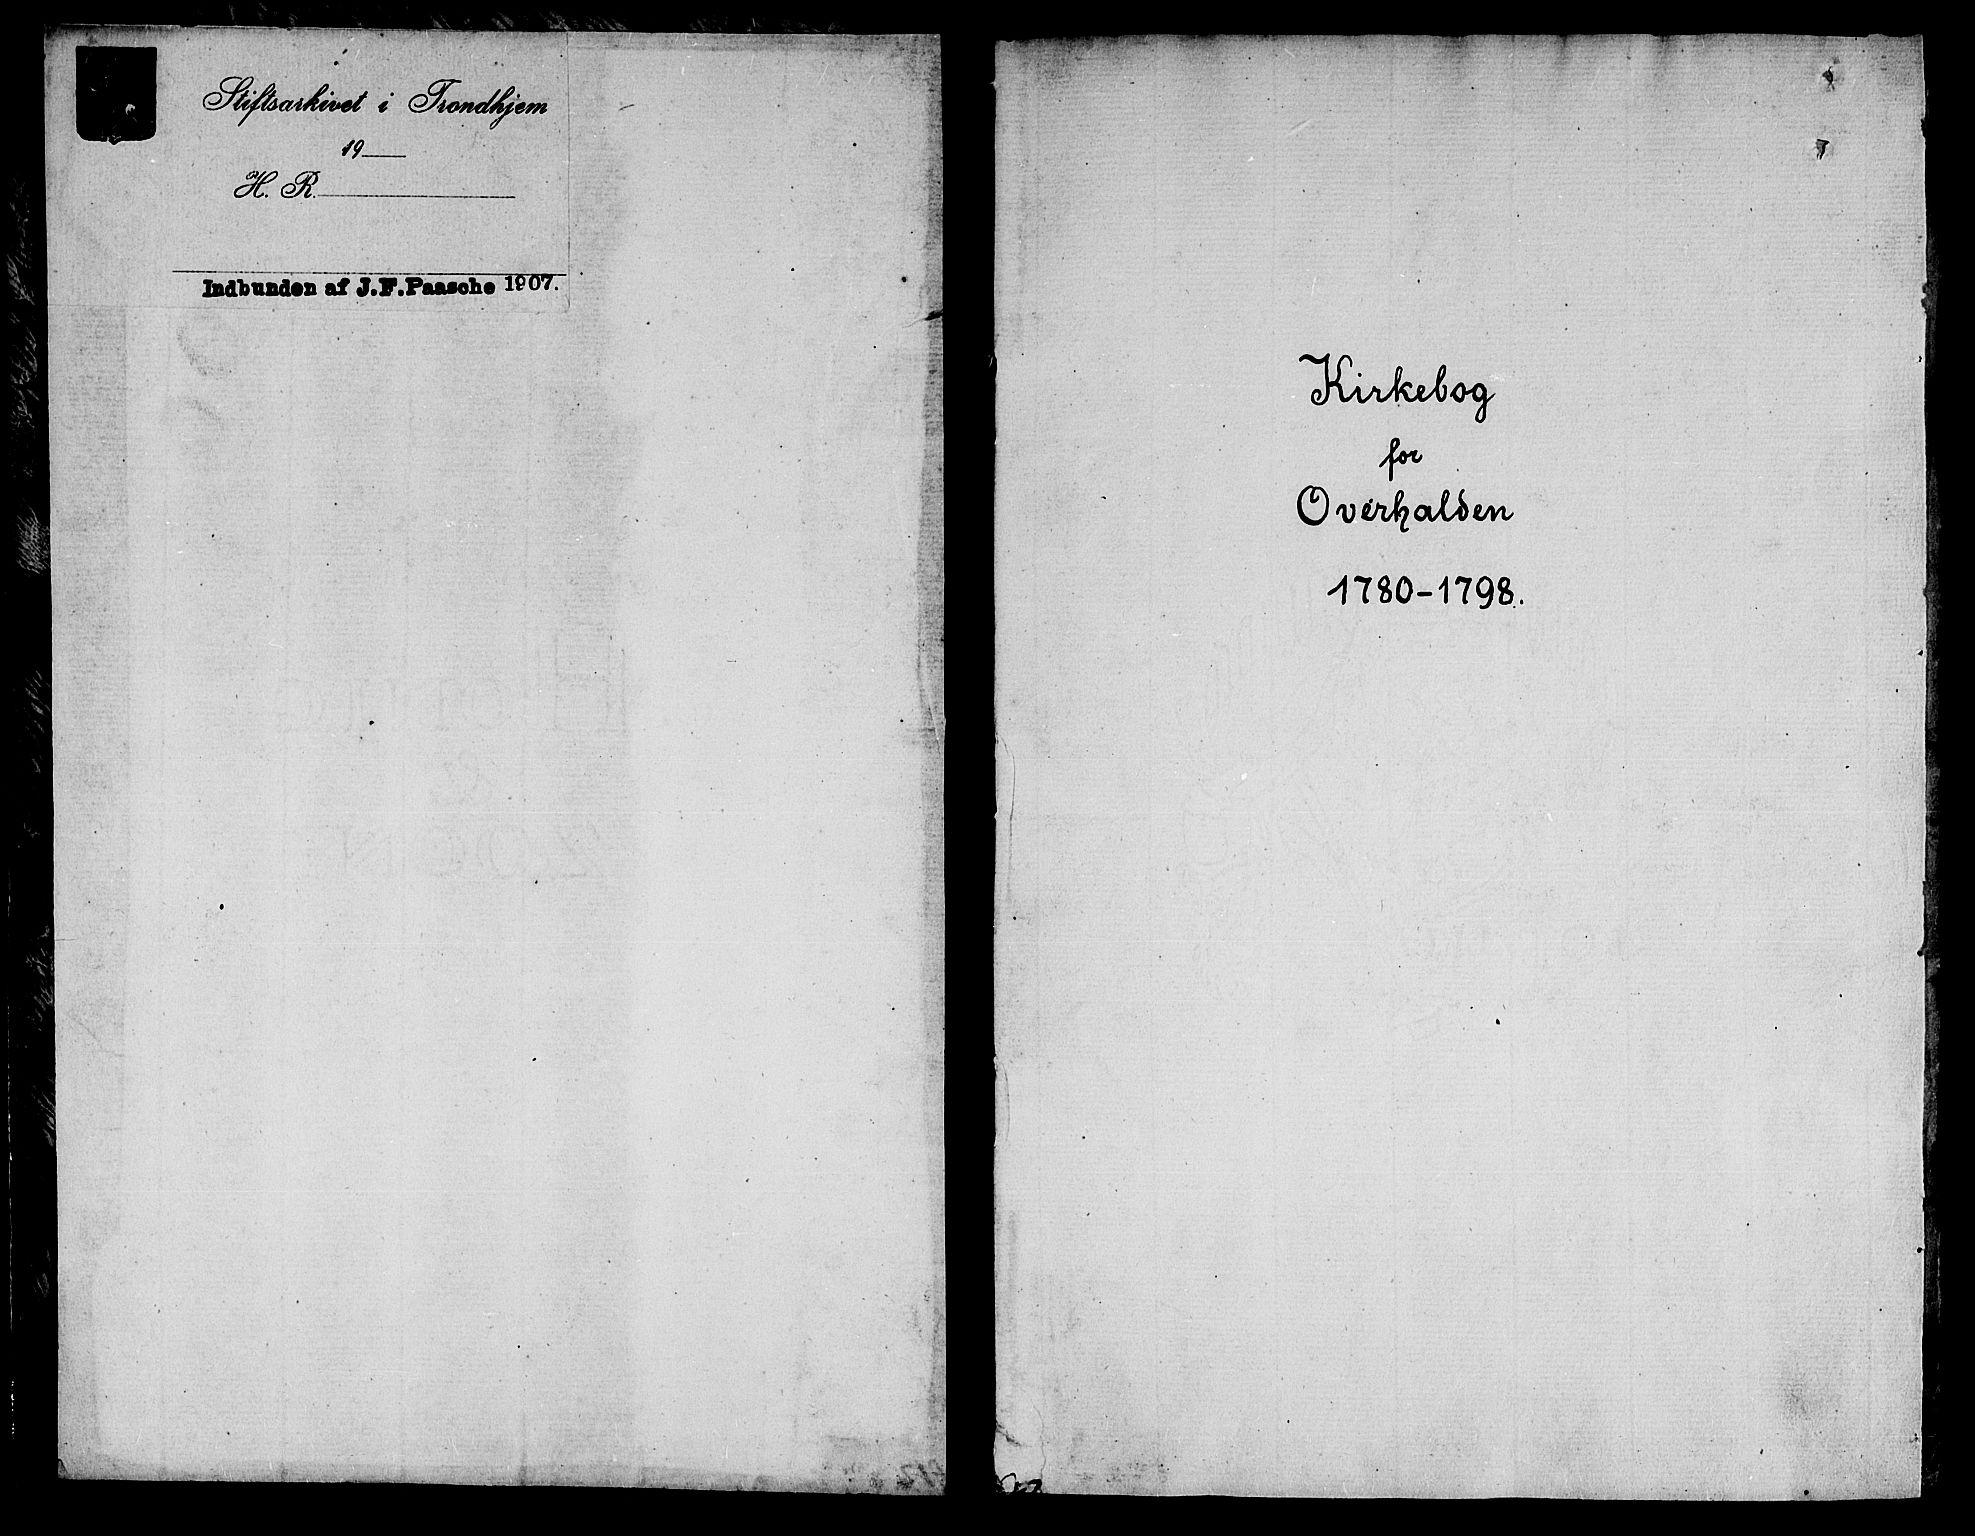 SAT, Ministerialprotokoller, klokkerbøker og fødselsregistre - Nord-Trøndelag, 764/L0544: Ministerialbok nr. 764A04, 1780-1798